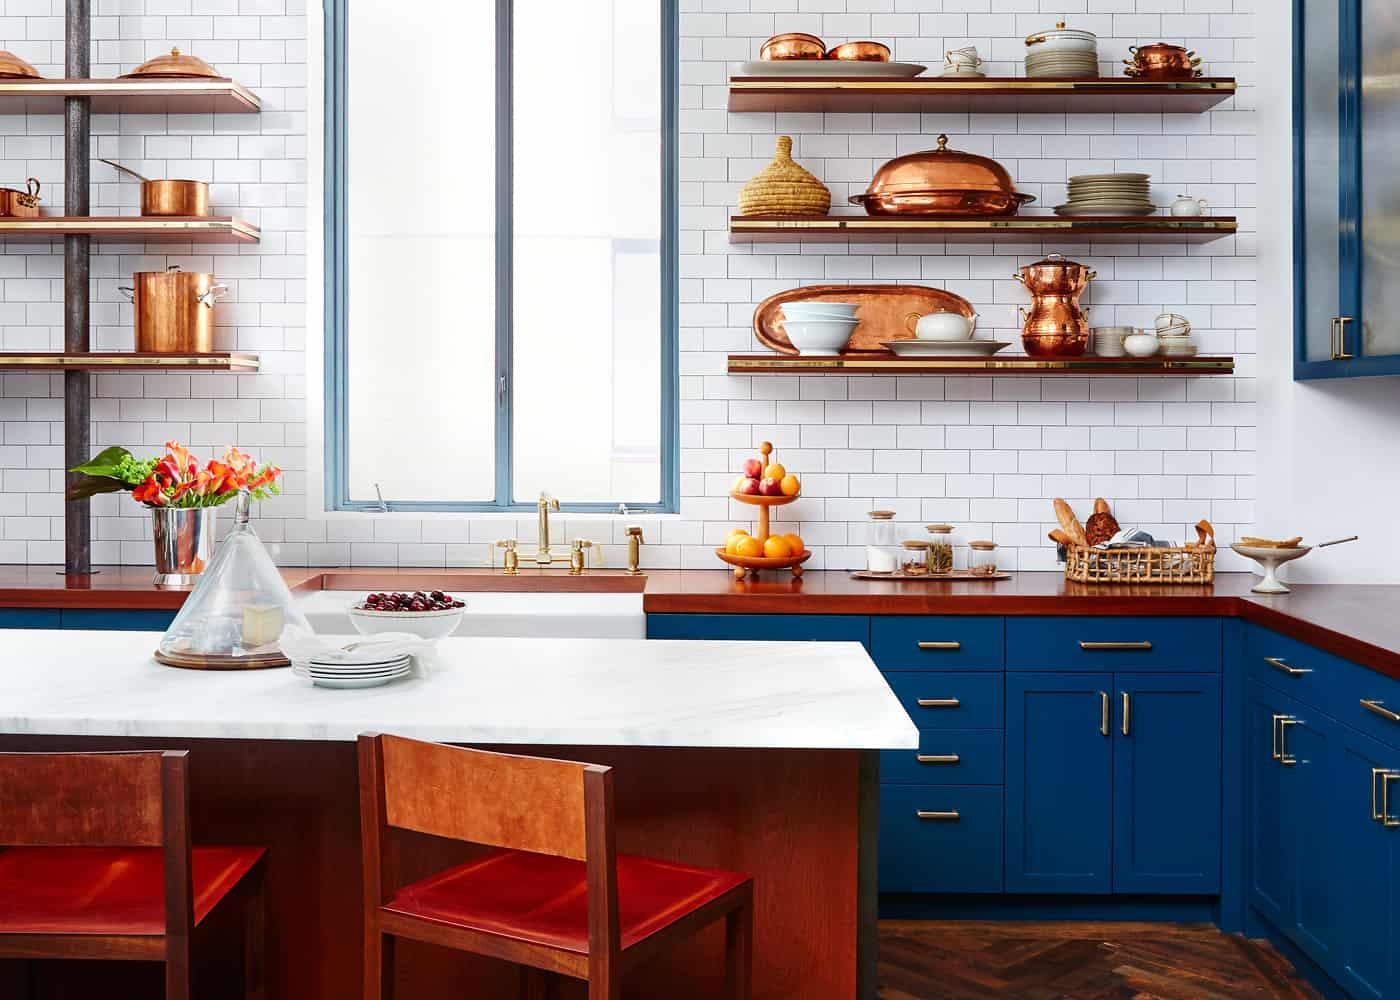 Kitchen Design Trends 2018 - Centered by Design